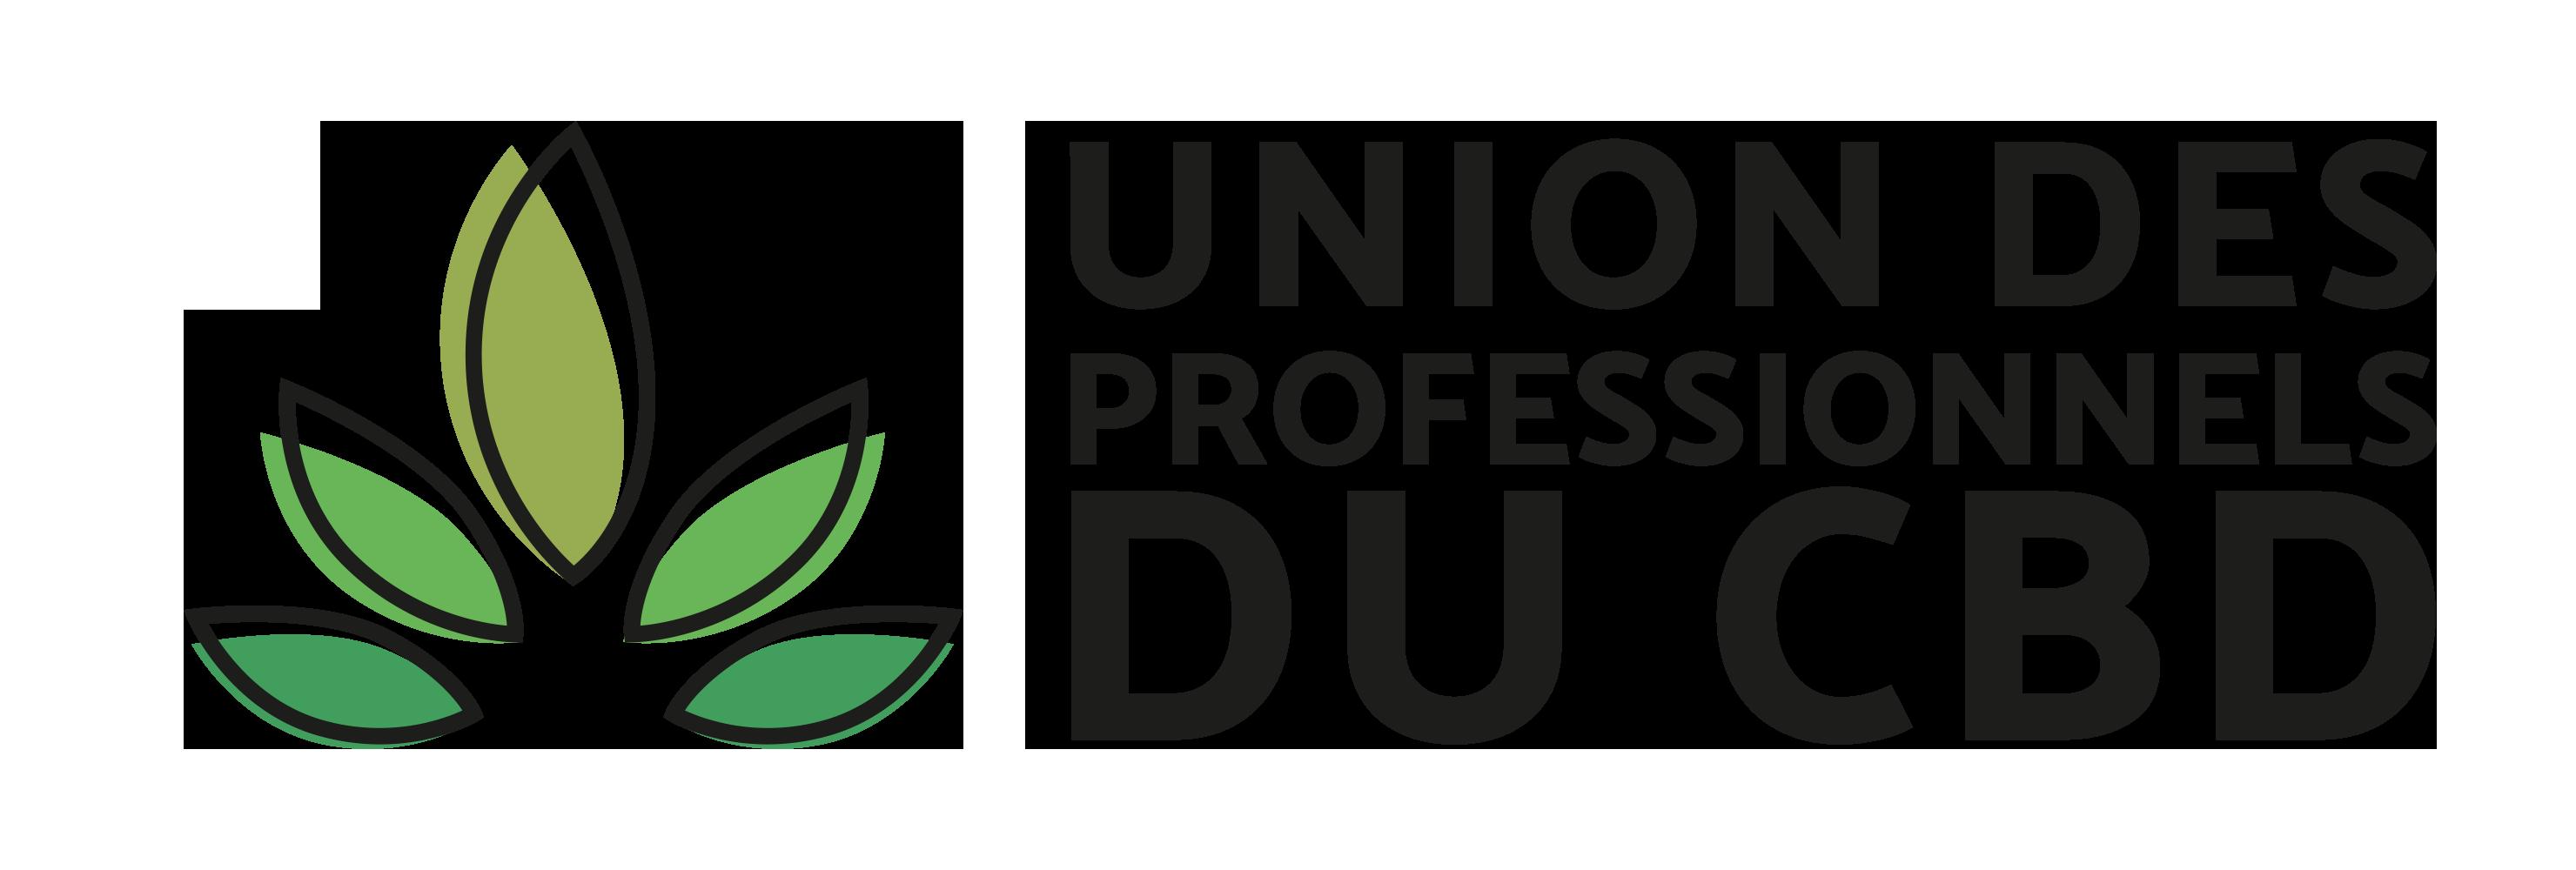 Union des Professionnels du CBD Logo